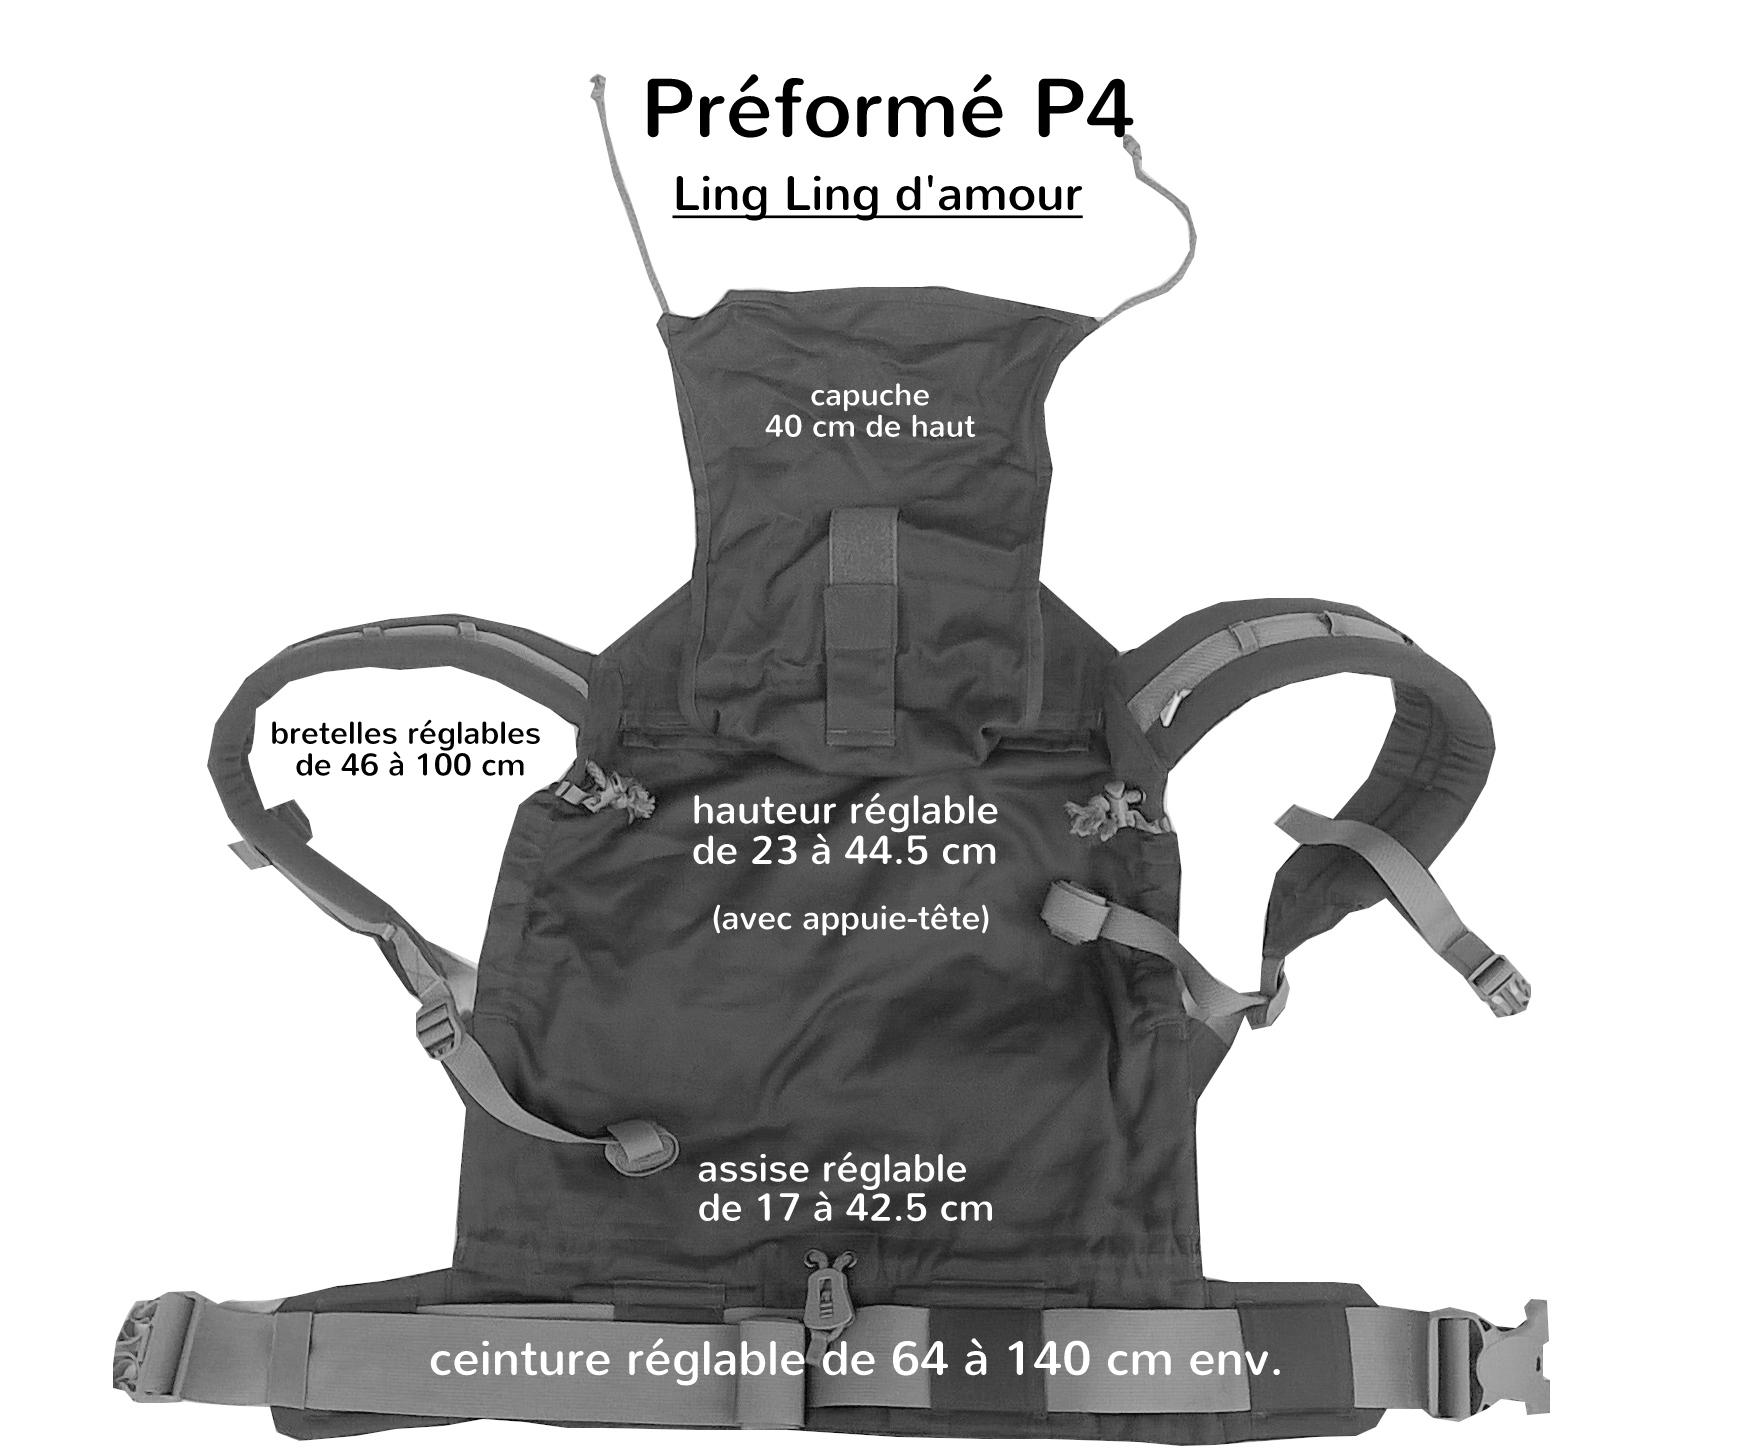 Porte-bébé physiologique P4 LLA, dimensions